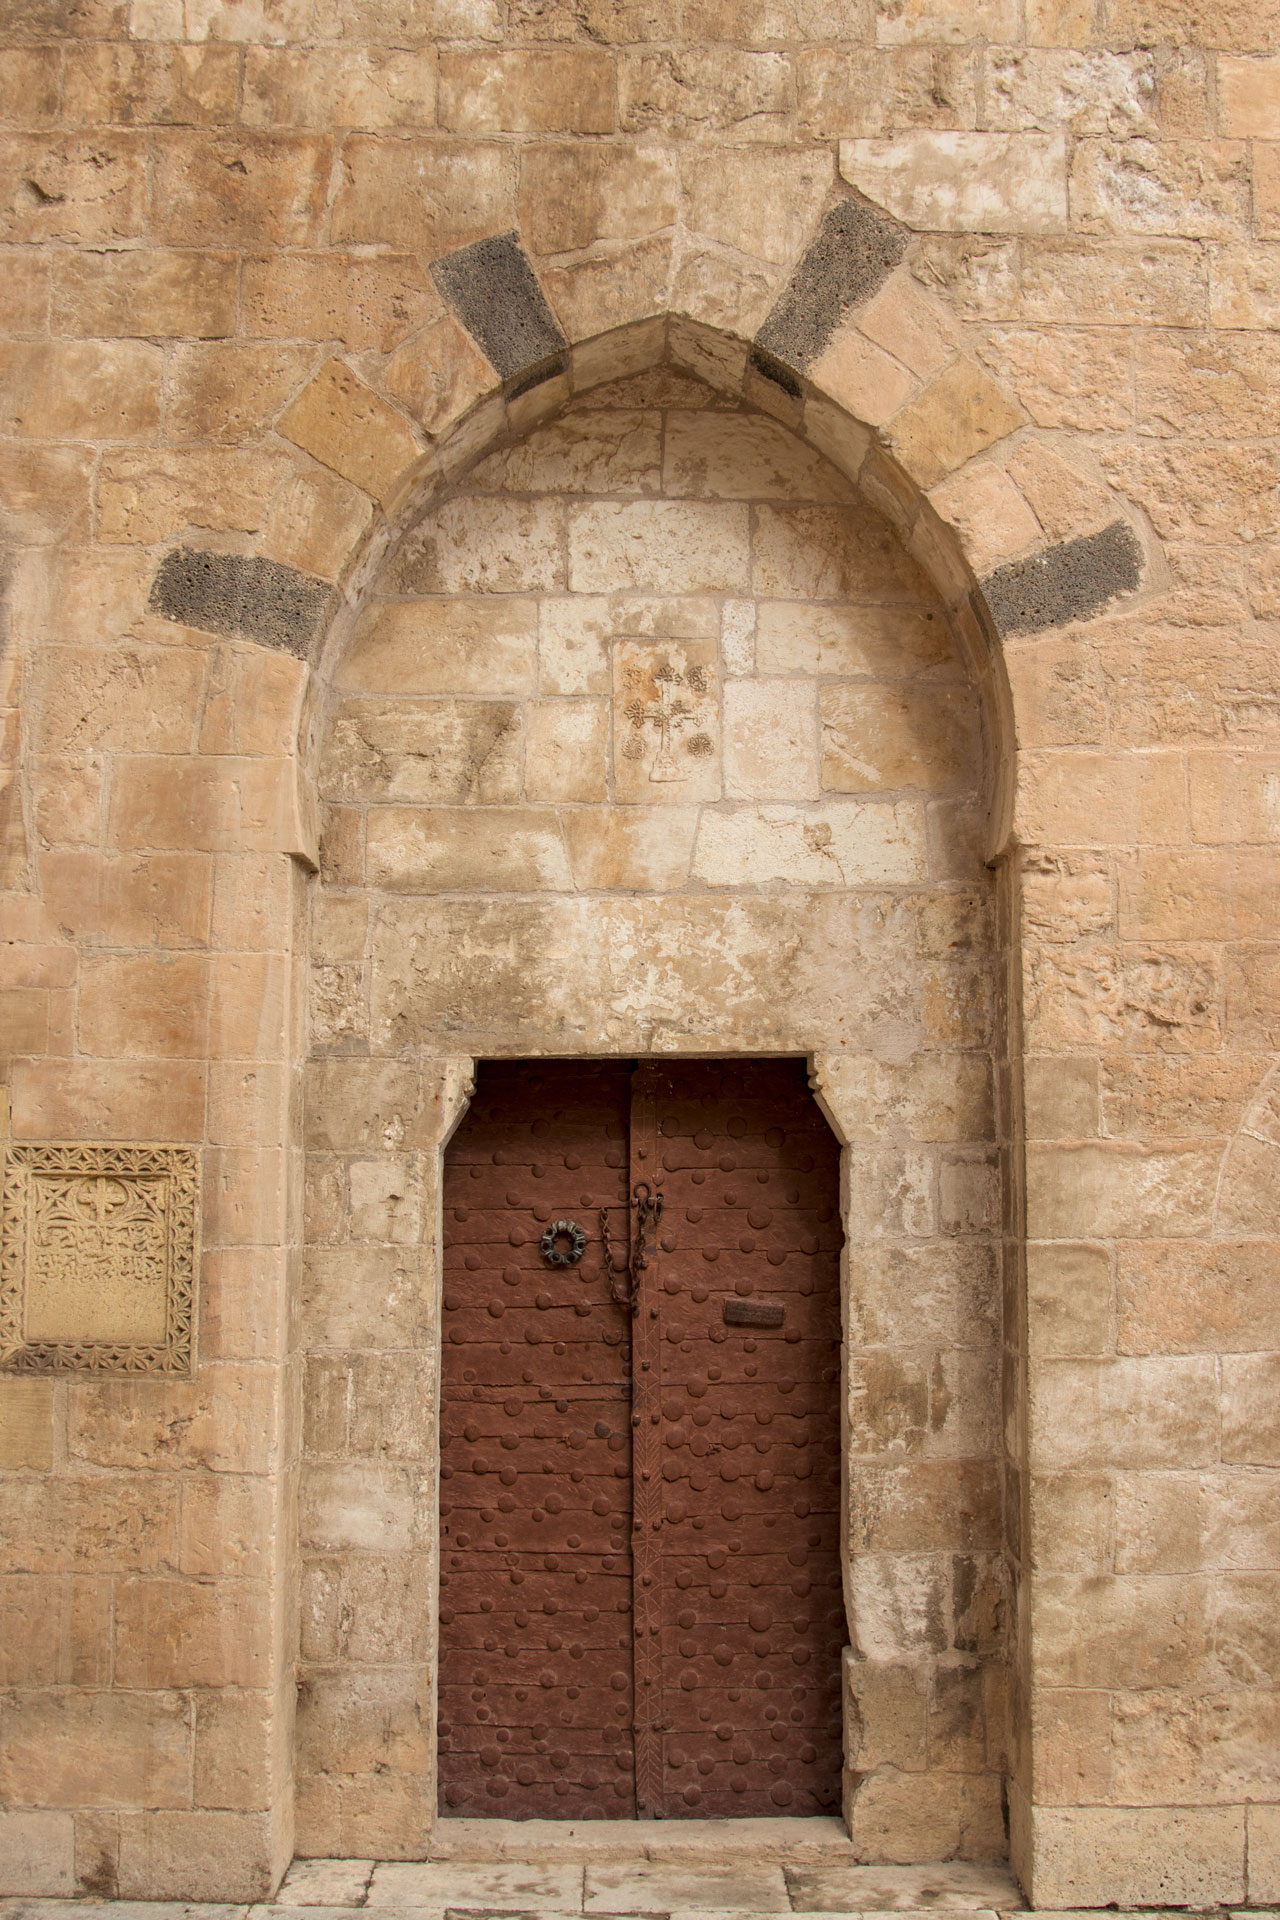 Mor Behnam Kırklar Kilisesi Fotoğrafları Mardin Türkiye Gezgin Fotoğrafçı Çekergezer Hakan Aydın www.cekergezer.com www.cekergezer.com